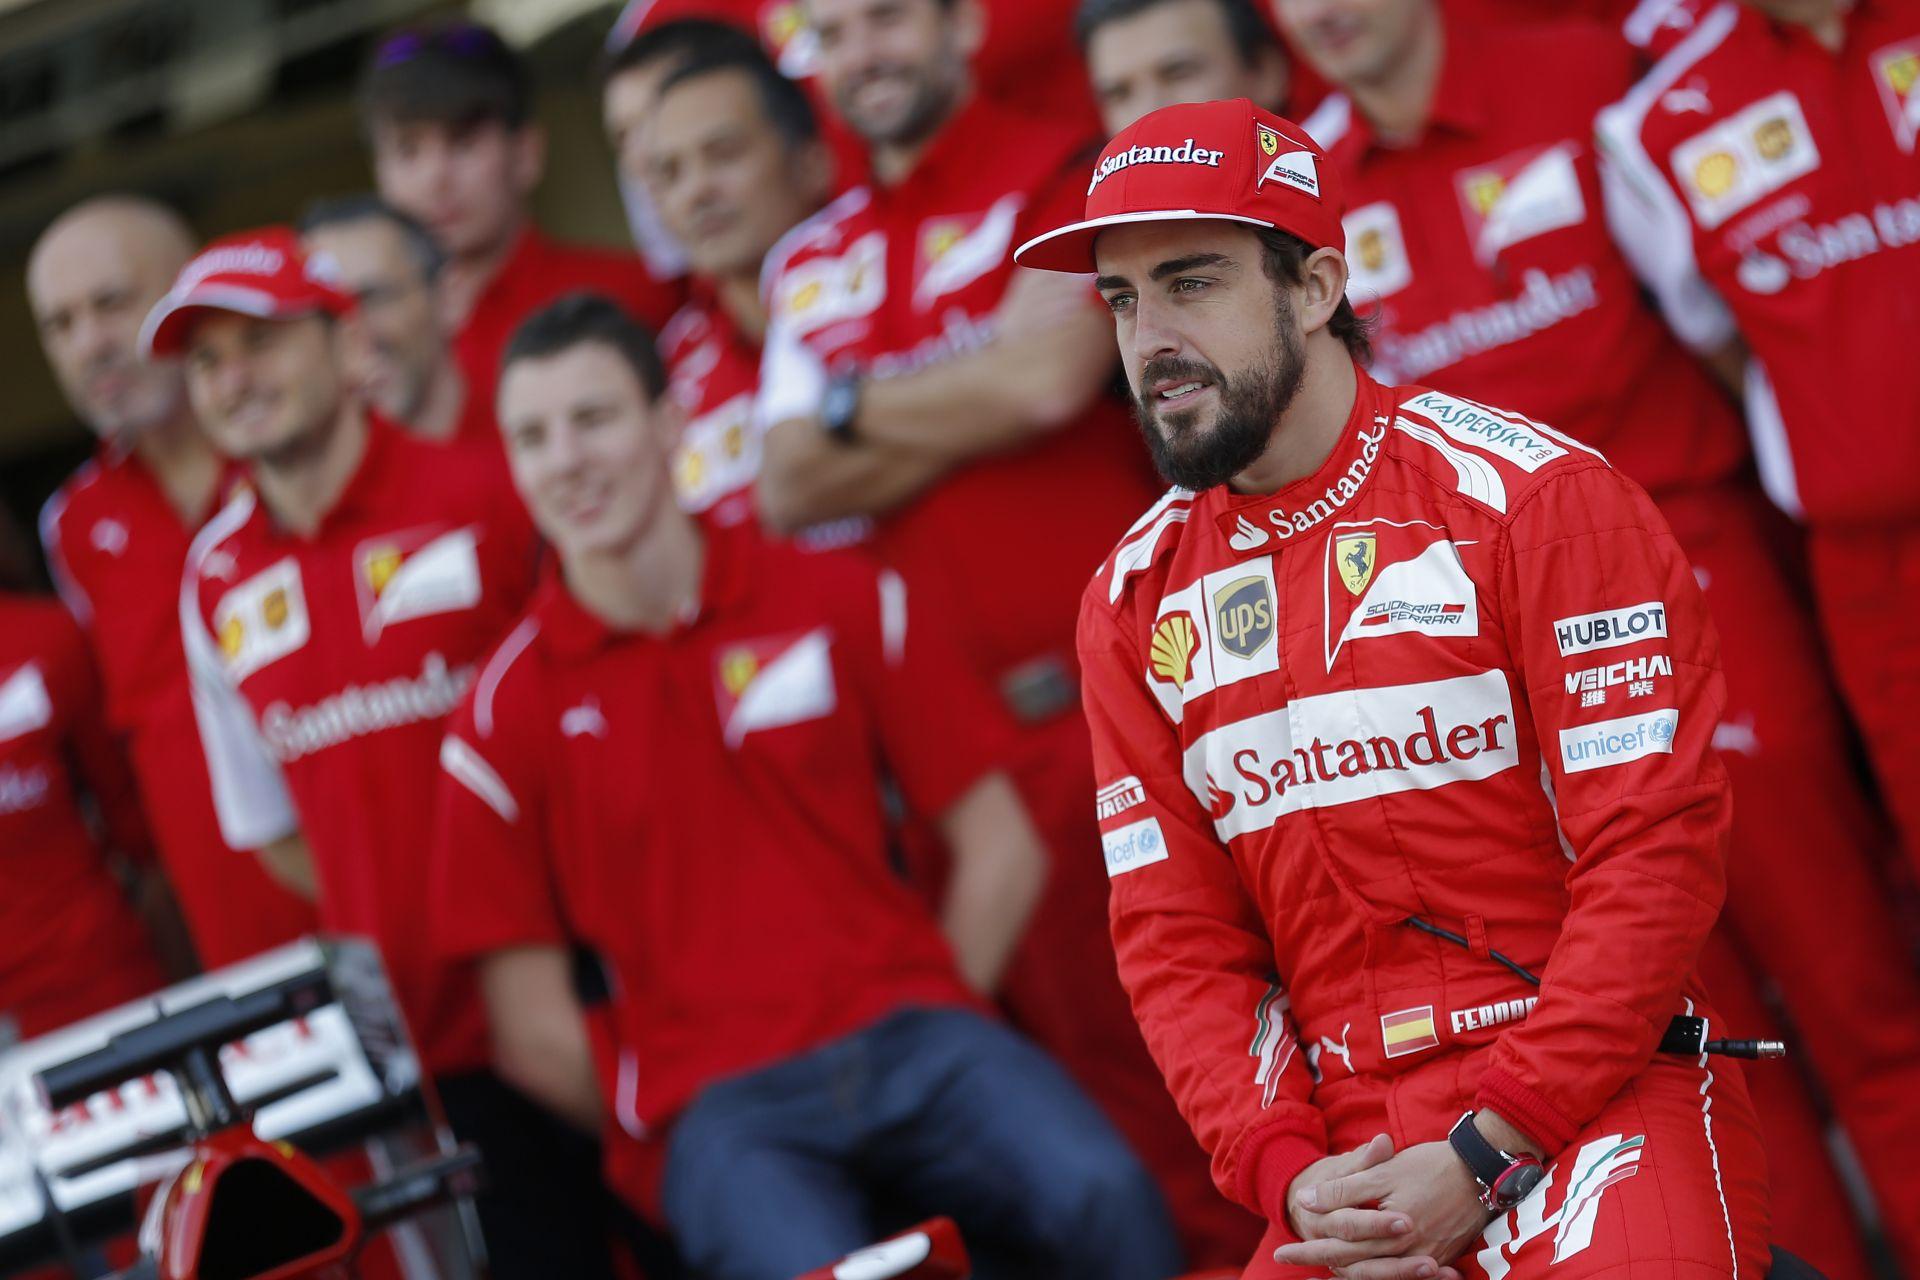 Alonso elismerte, sajnos túl sokáig volt a Ferrari versenyzője